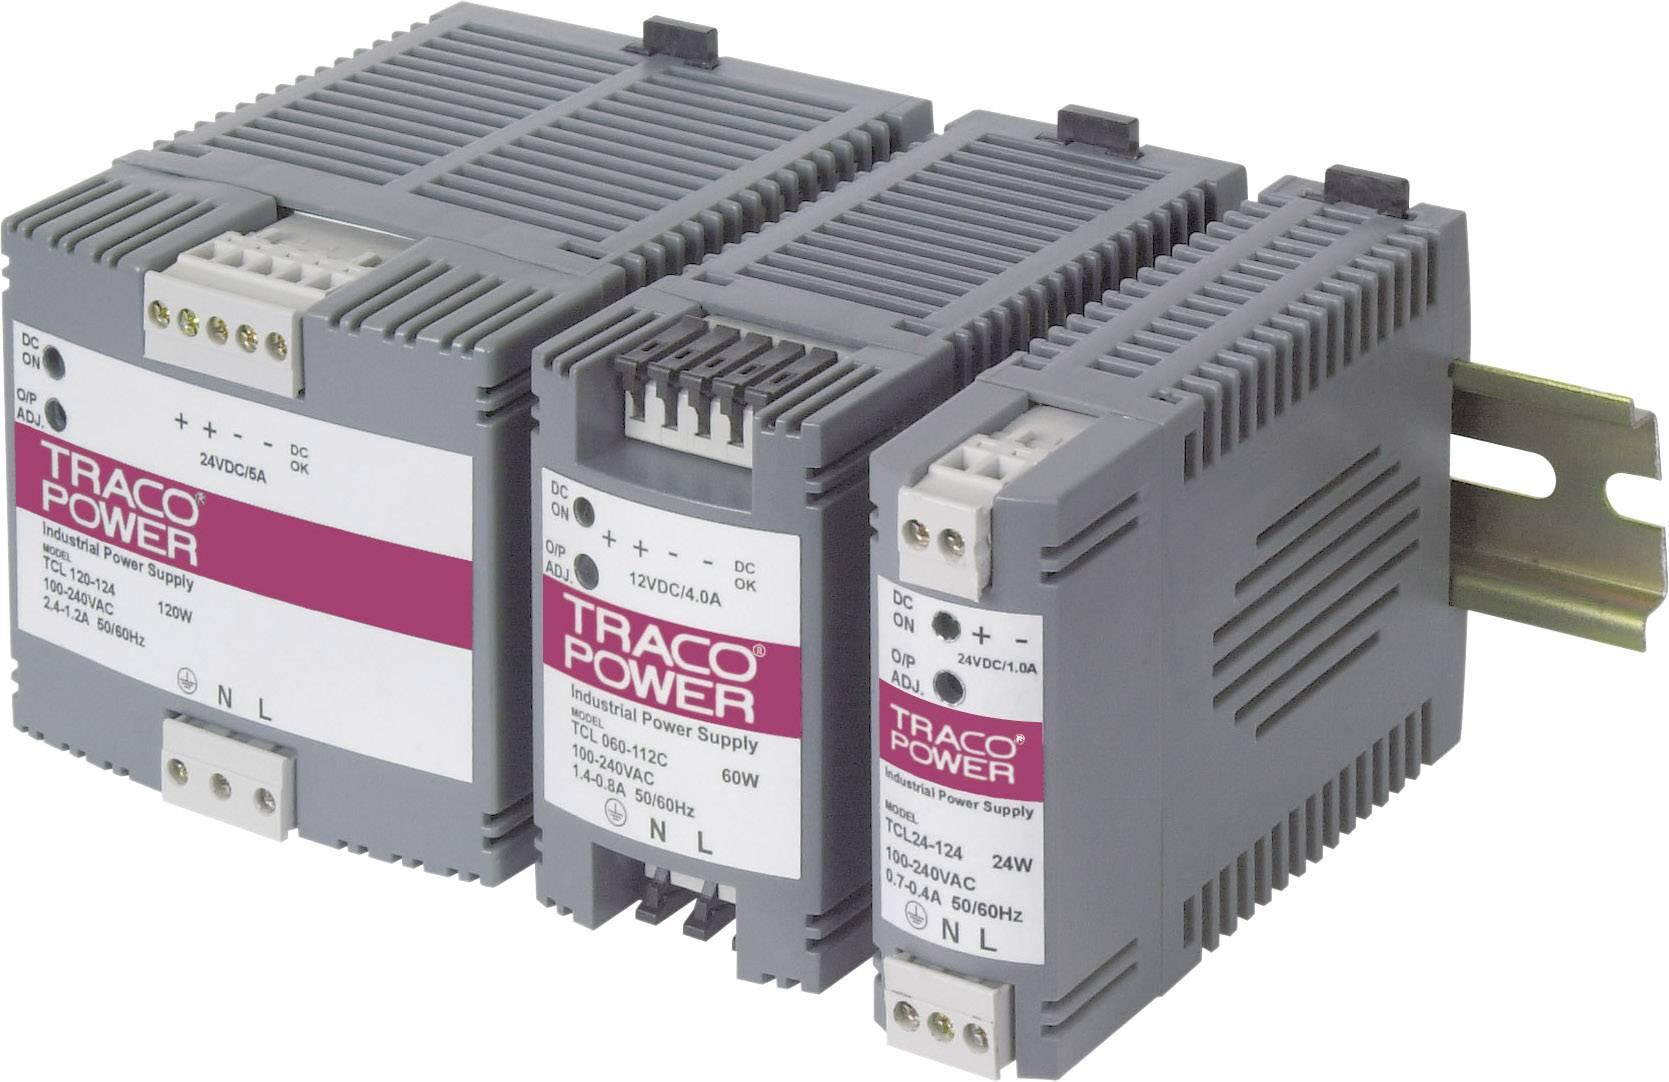 Sieťový zdroj na montážnu lištu (DIN lištu) TracoPower TCL 060-112, 1 x, 12 V/DC, 4 A, 60 W